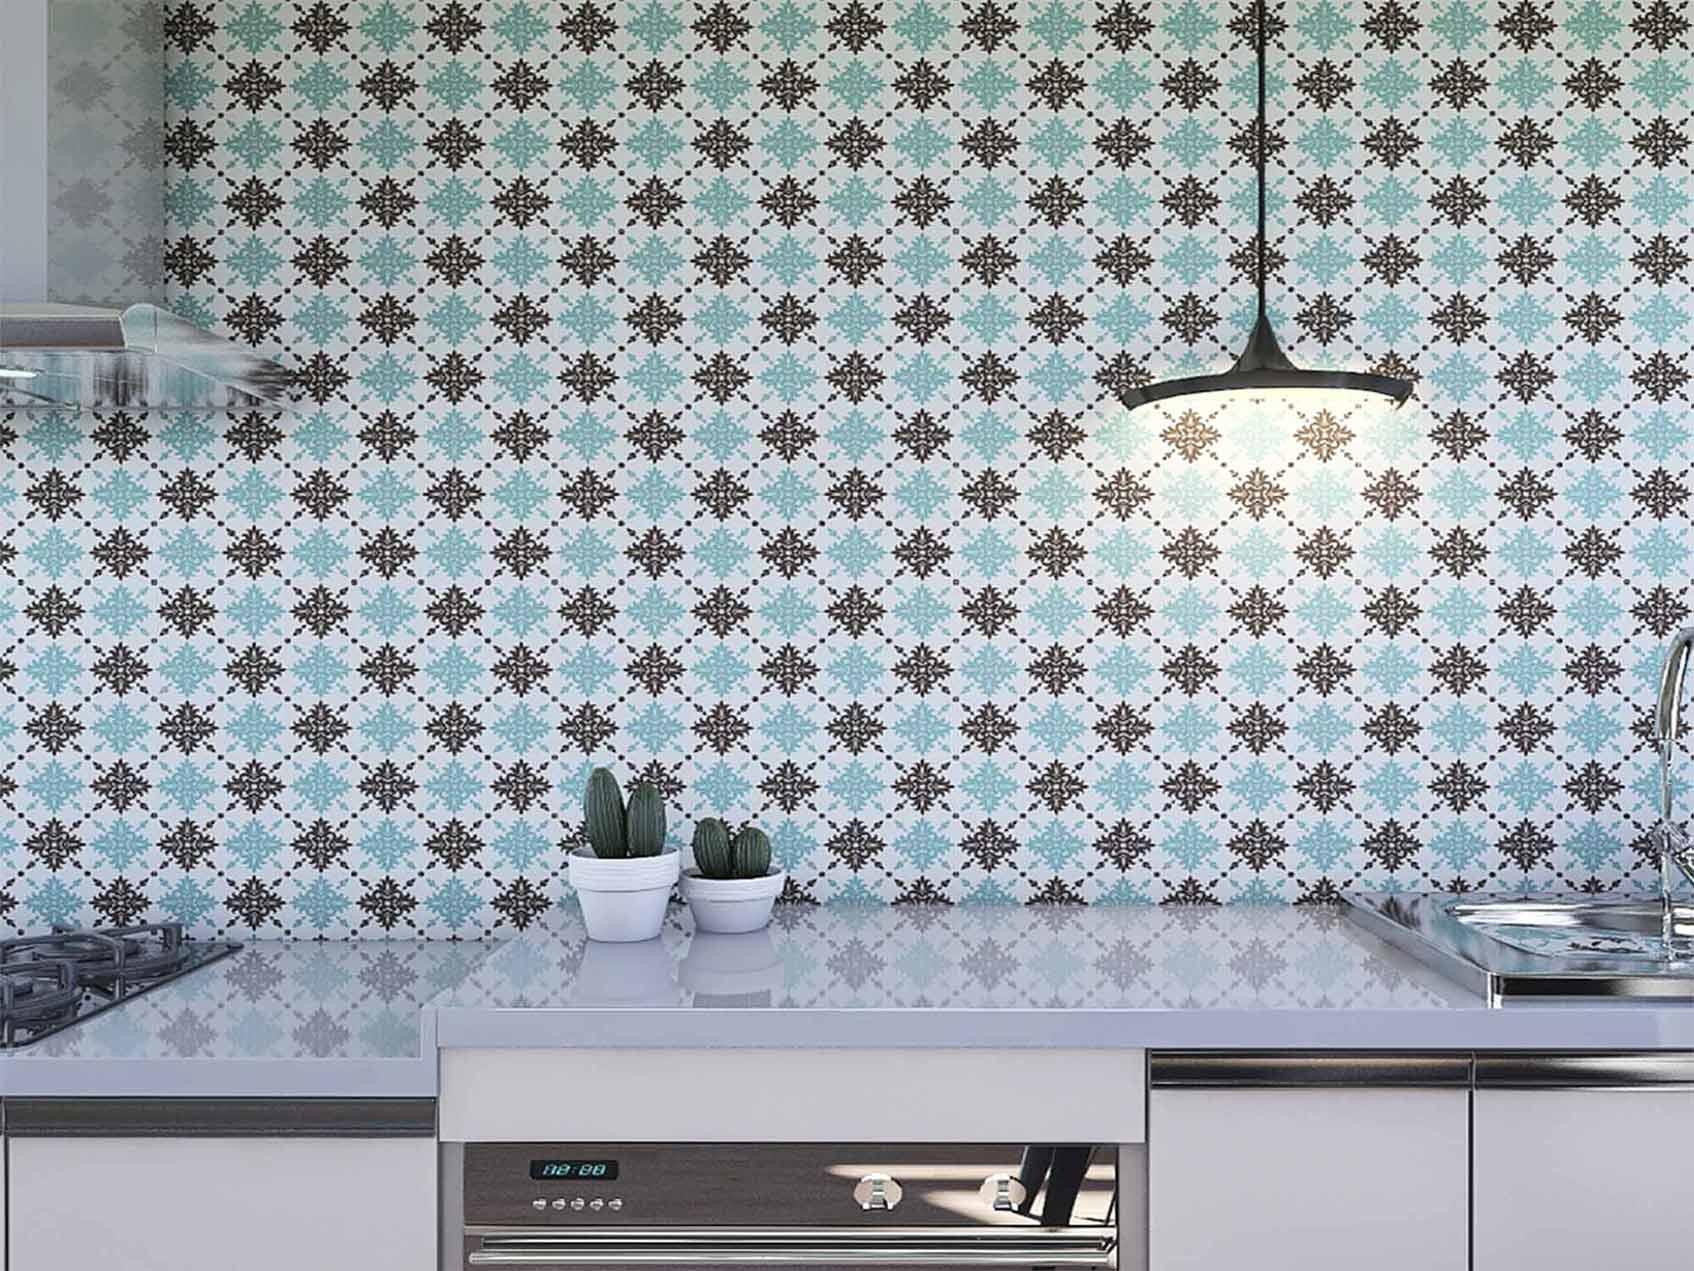 Papel de Parede para Cozinha Azulejos 0013 - Adesivos de Parede  - Paredes Decoradas